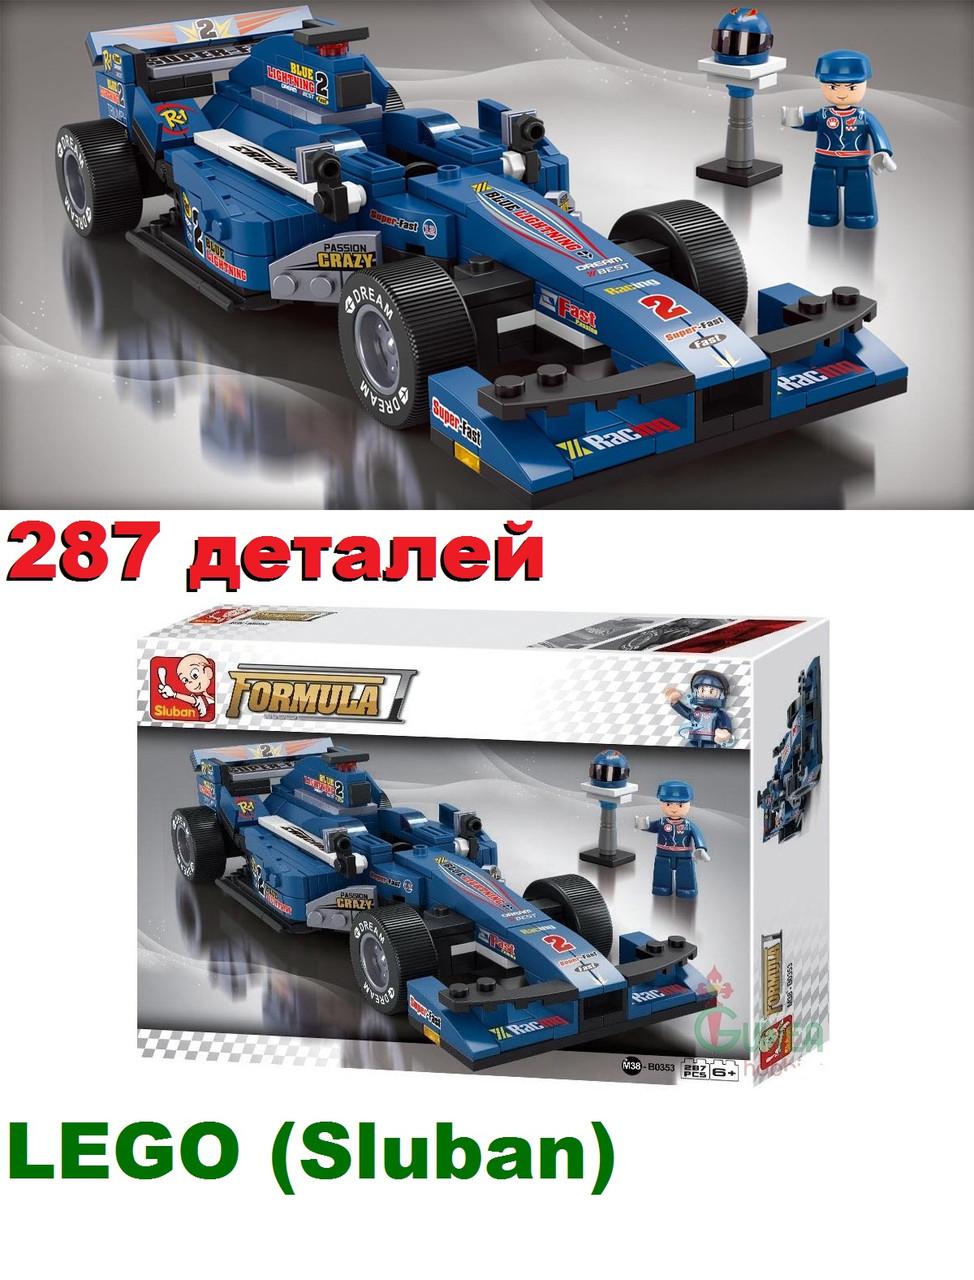 Konstruktor Lego Lego Sluban Formula 1 Gran Pri 287 Detalej